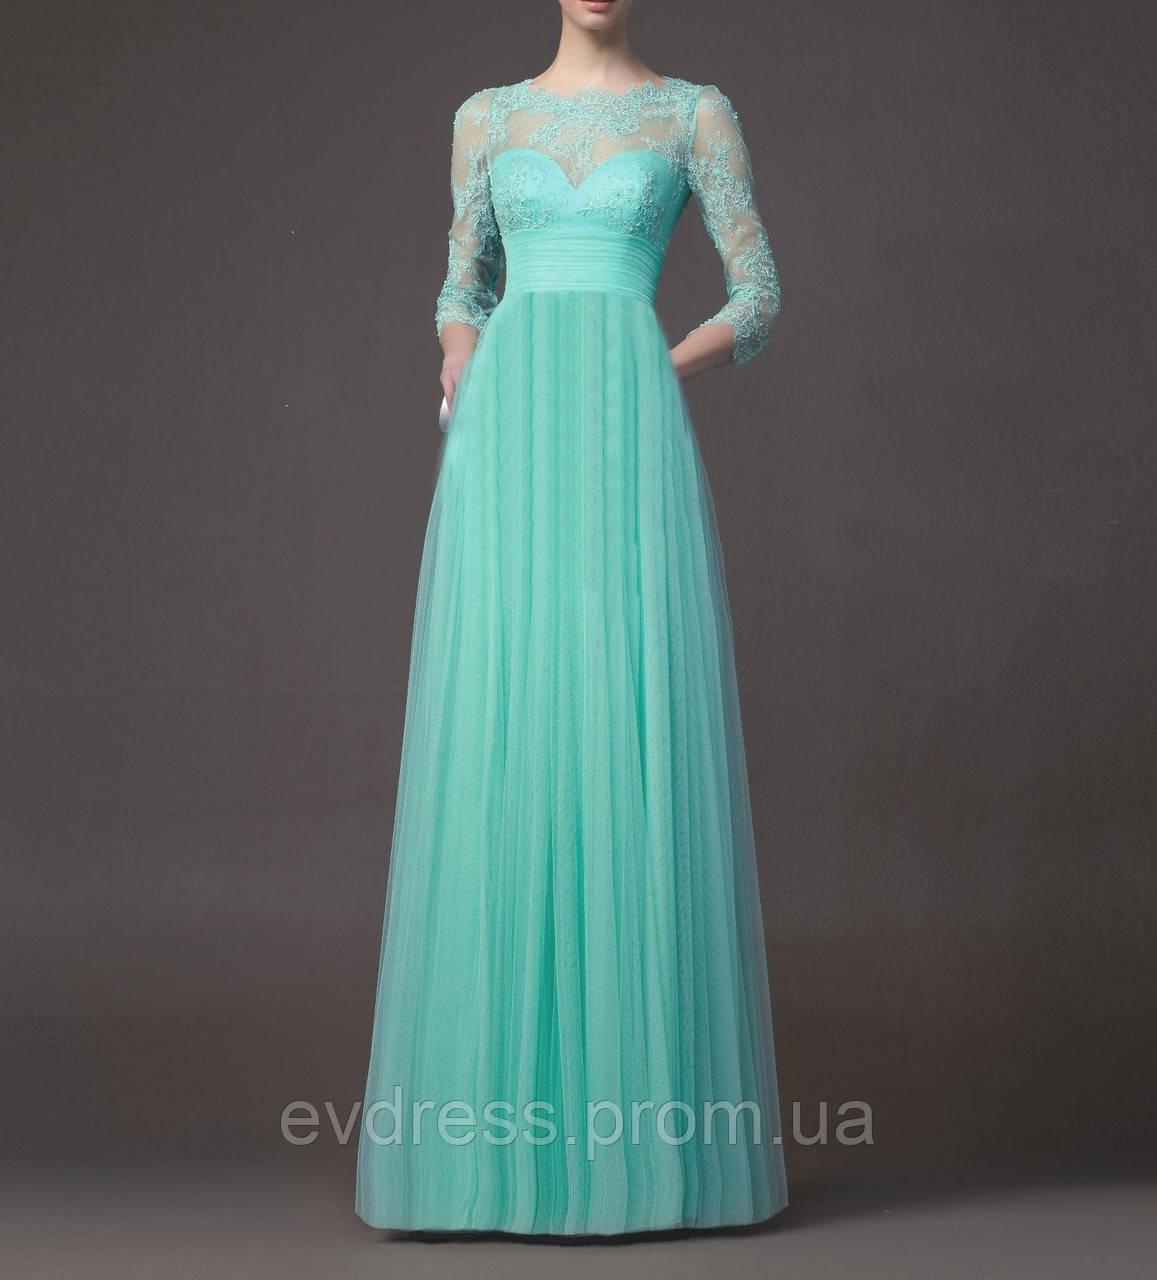 39661f4e4d3 Бирюзовое Длинное Вечернее Платье с Рукавами 3 4 на Выпускной SH-15091 -  Интернет